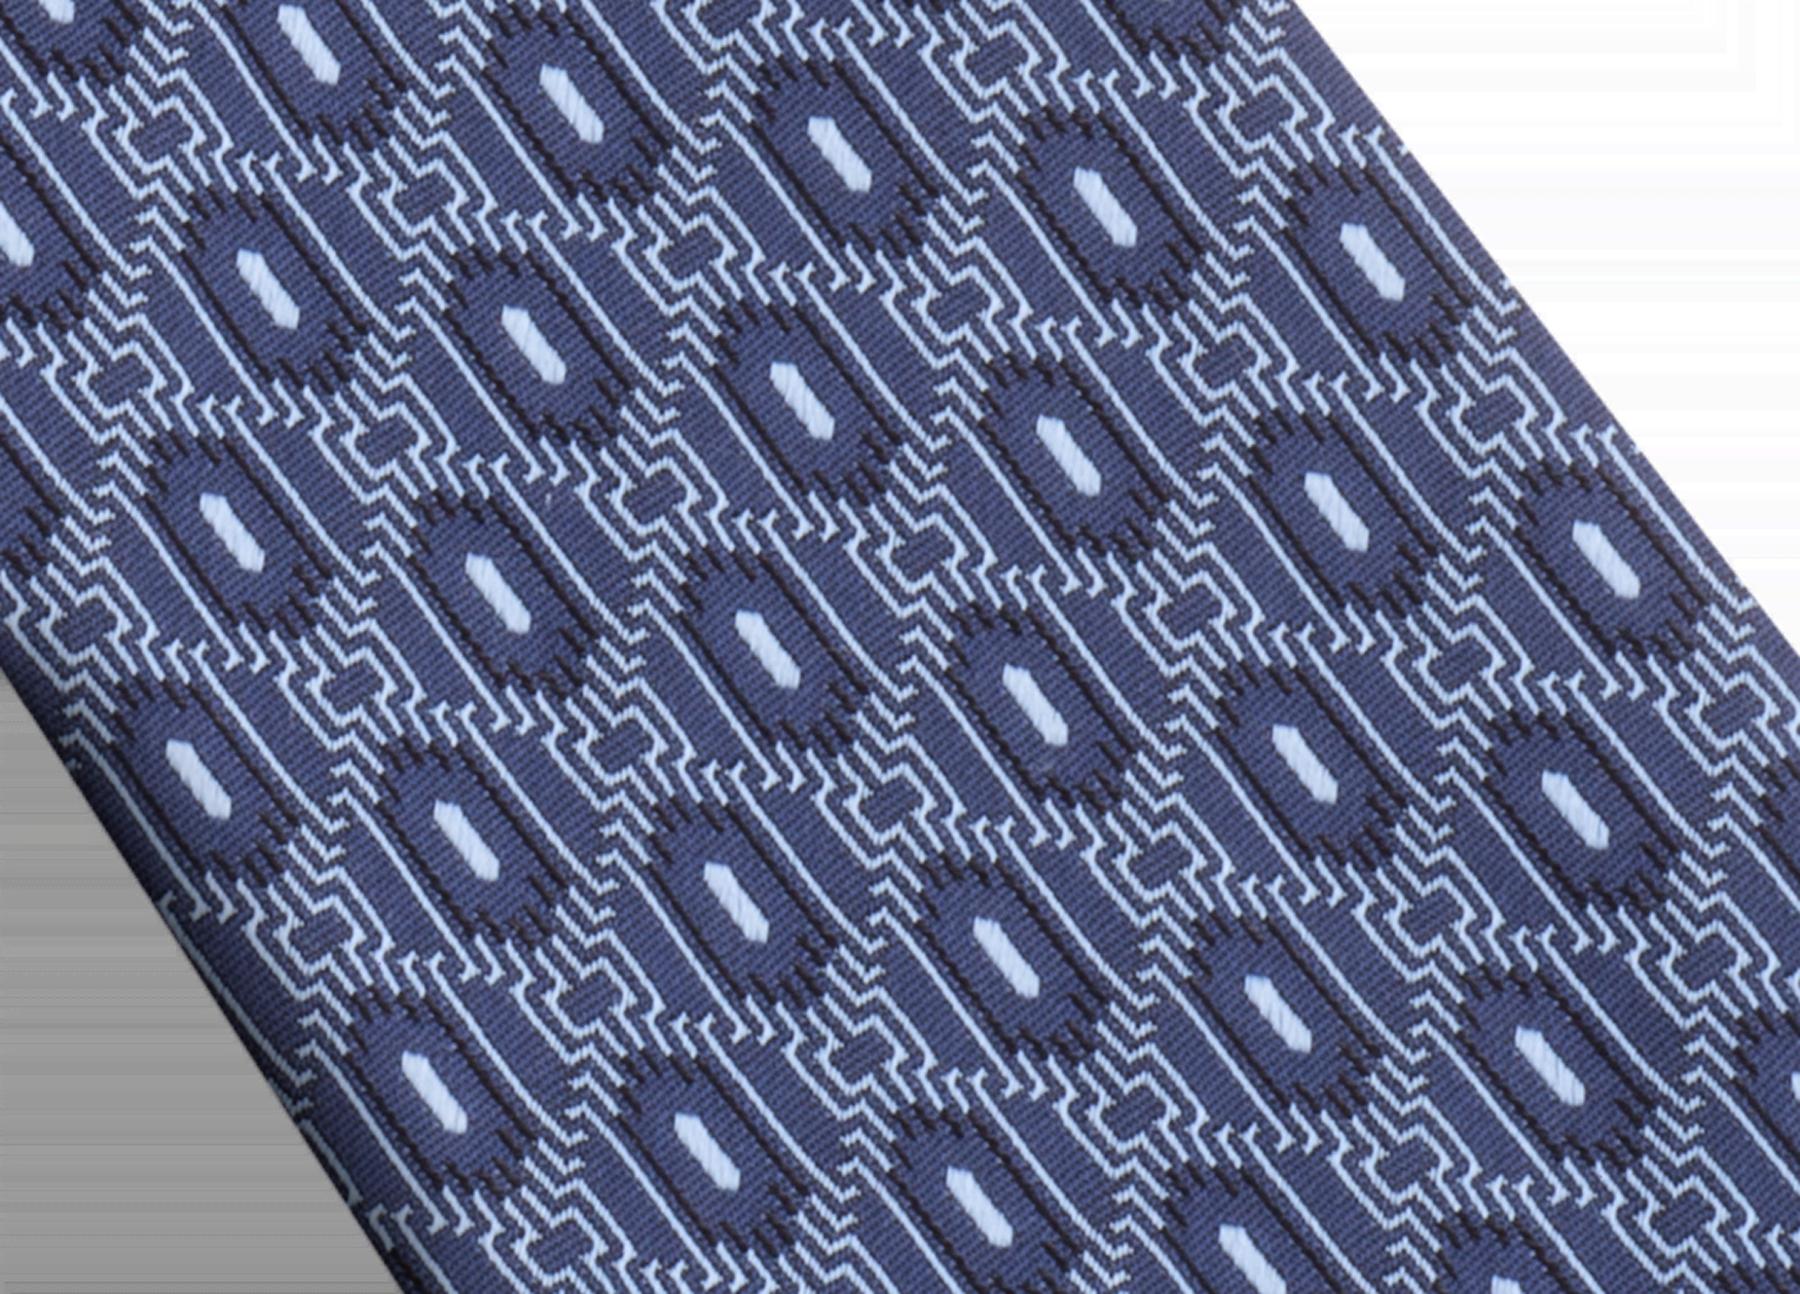 Галстук темно-синего цвета, тонкий шелк, узор Double Line Scales. Металлический ярлык с логотипом Bvlgari, маркировка Ручная работа. Сделано в Италии. 8 см 244132 image 2